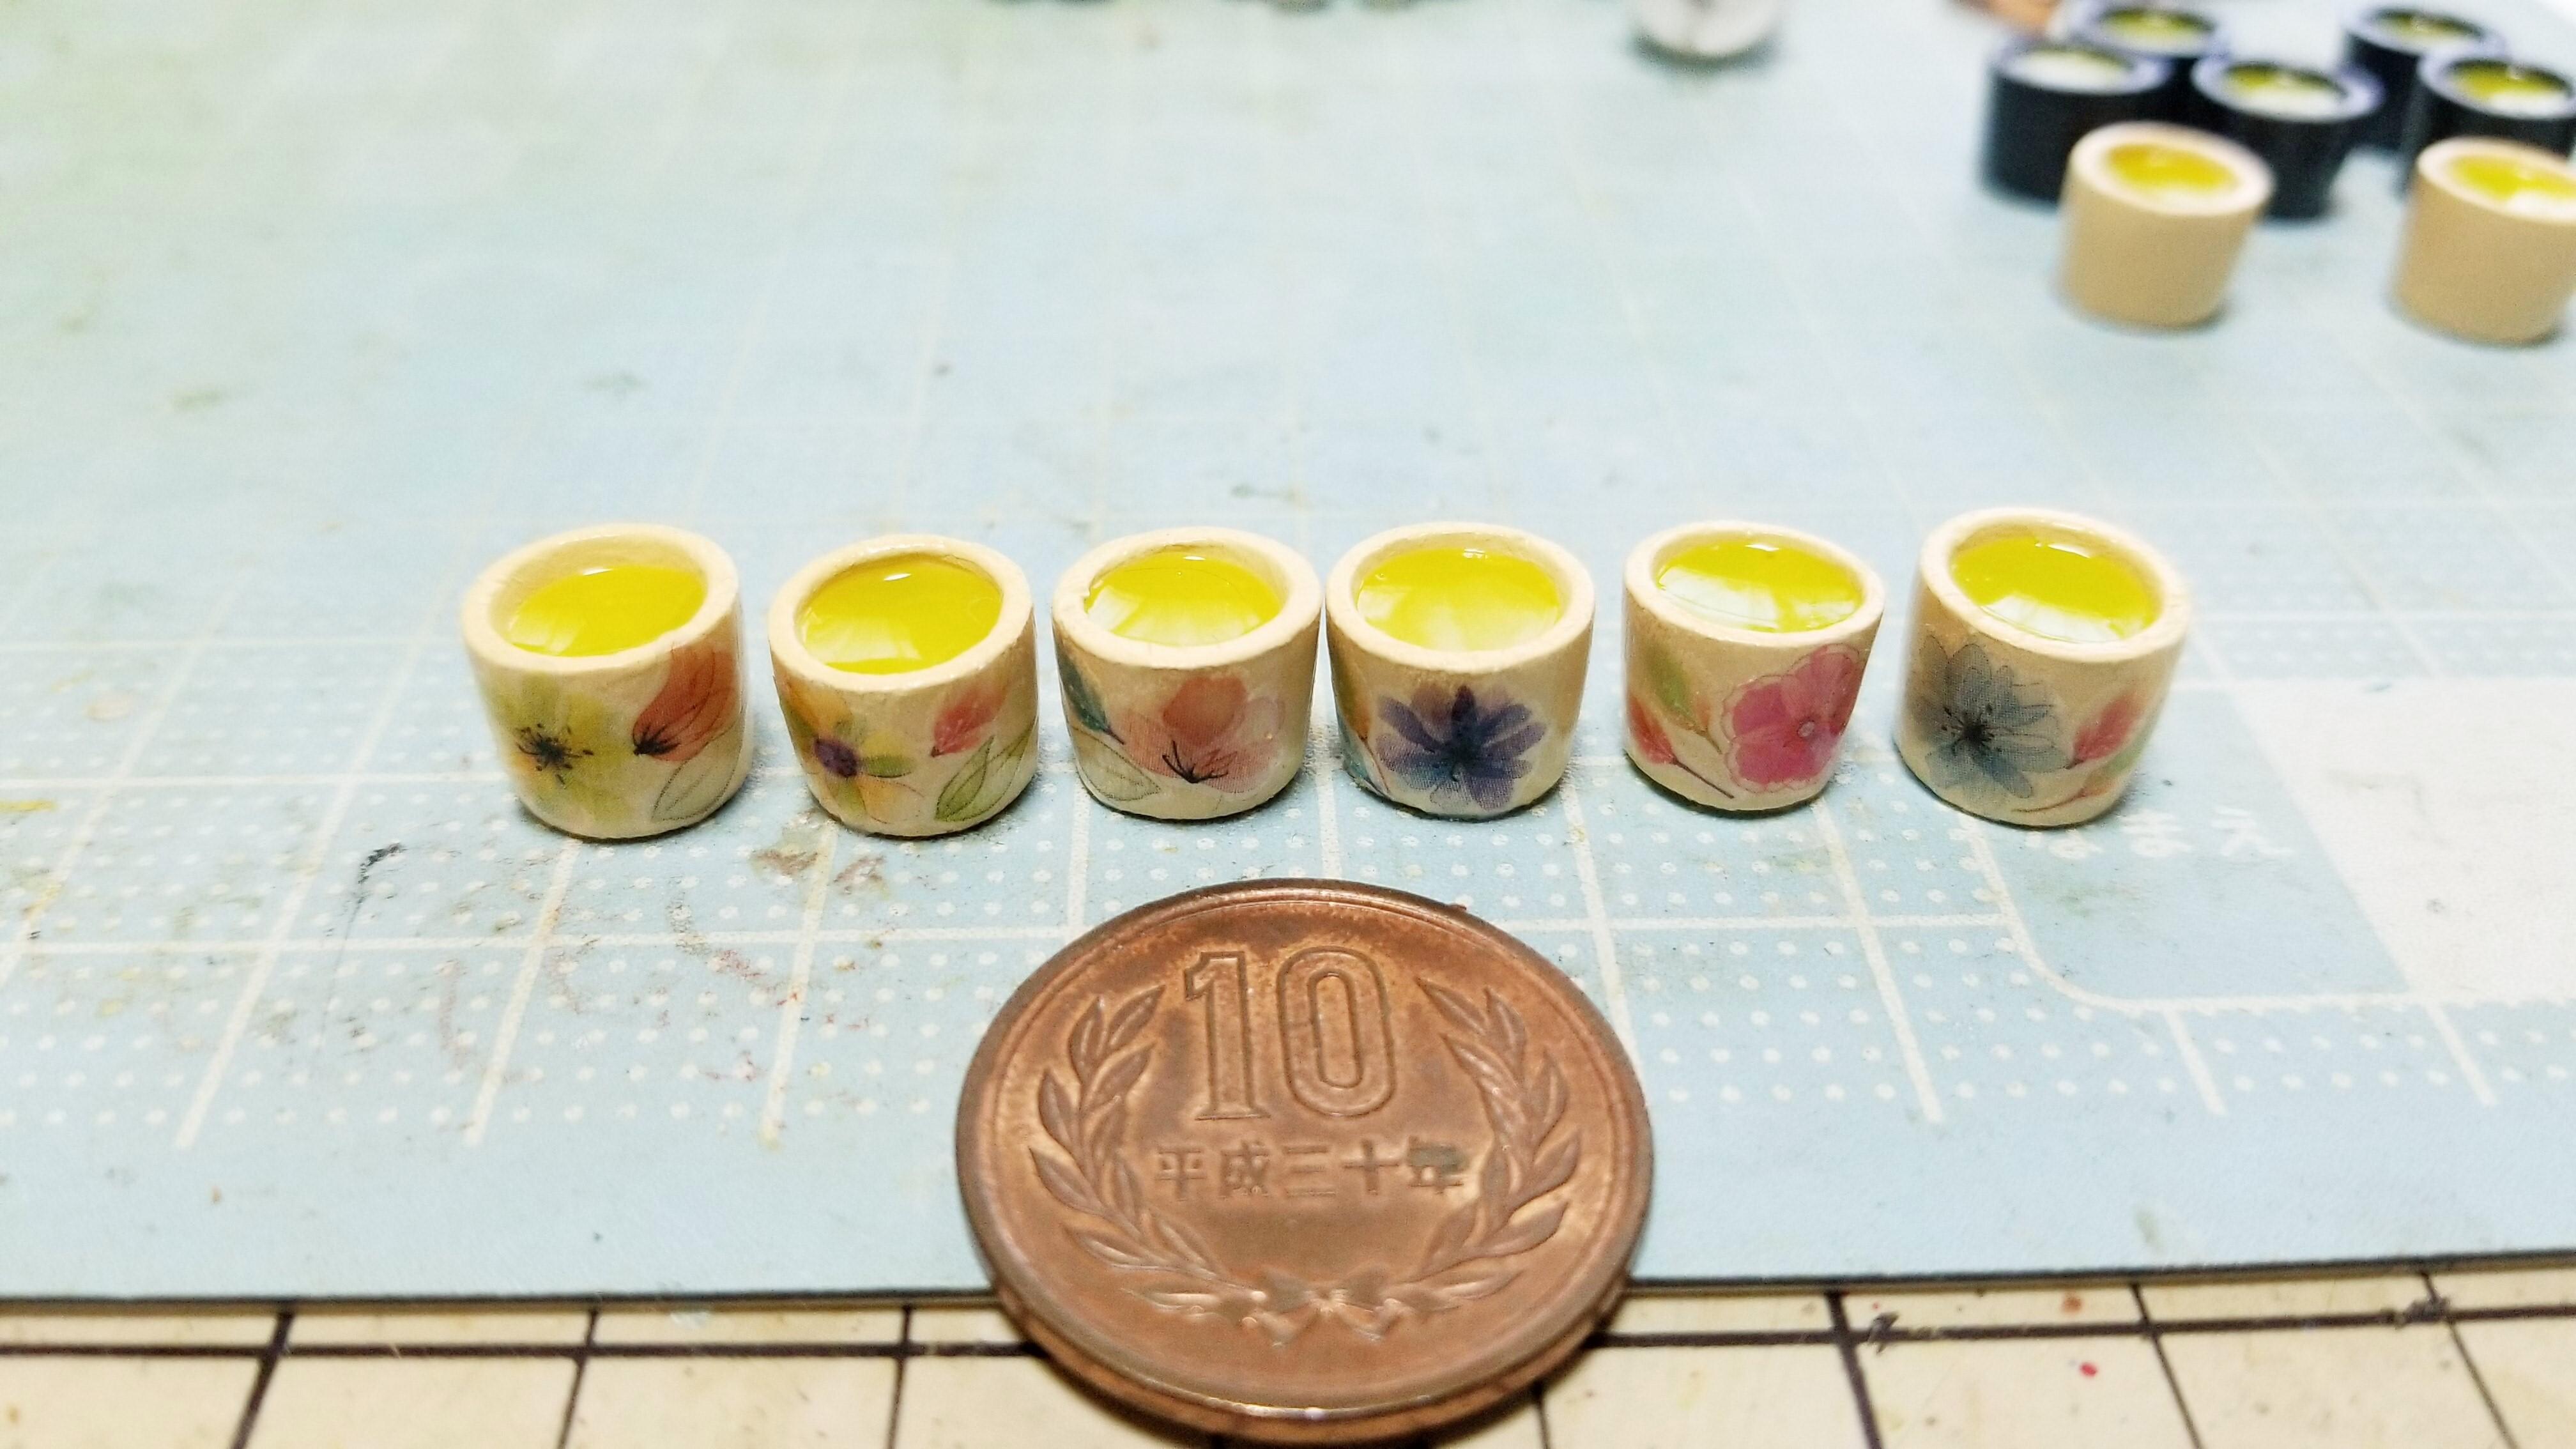 ミニチュアフード可愛いお洒落な小さい世界手作り小物お抹茶おすすめ